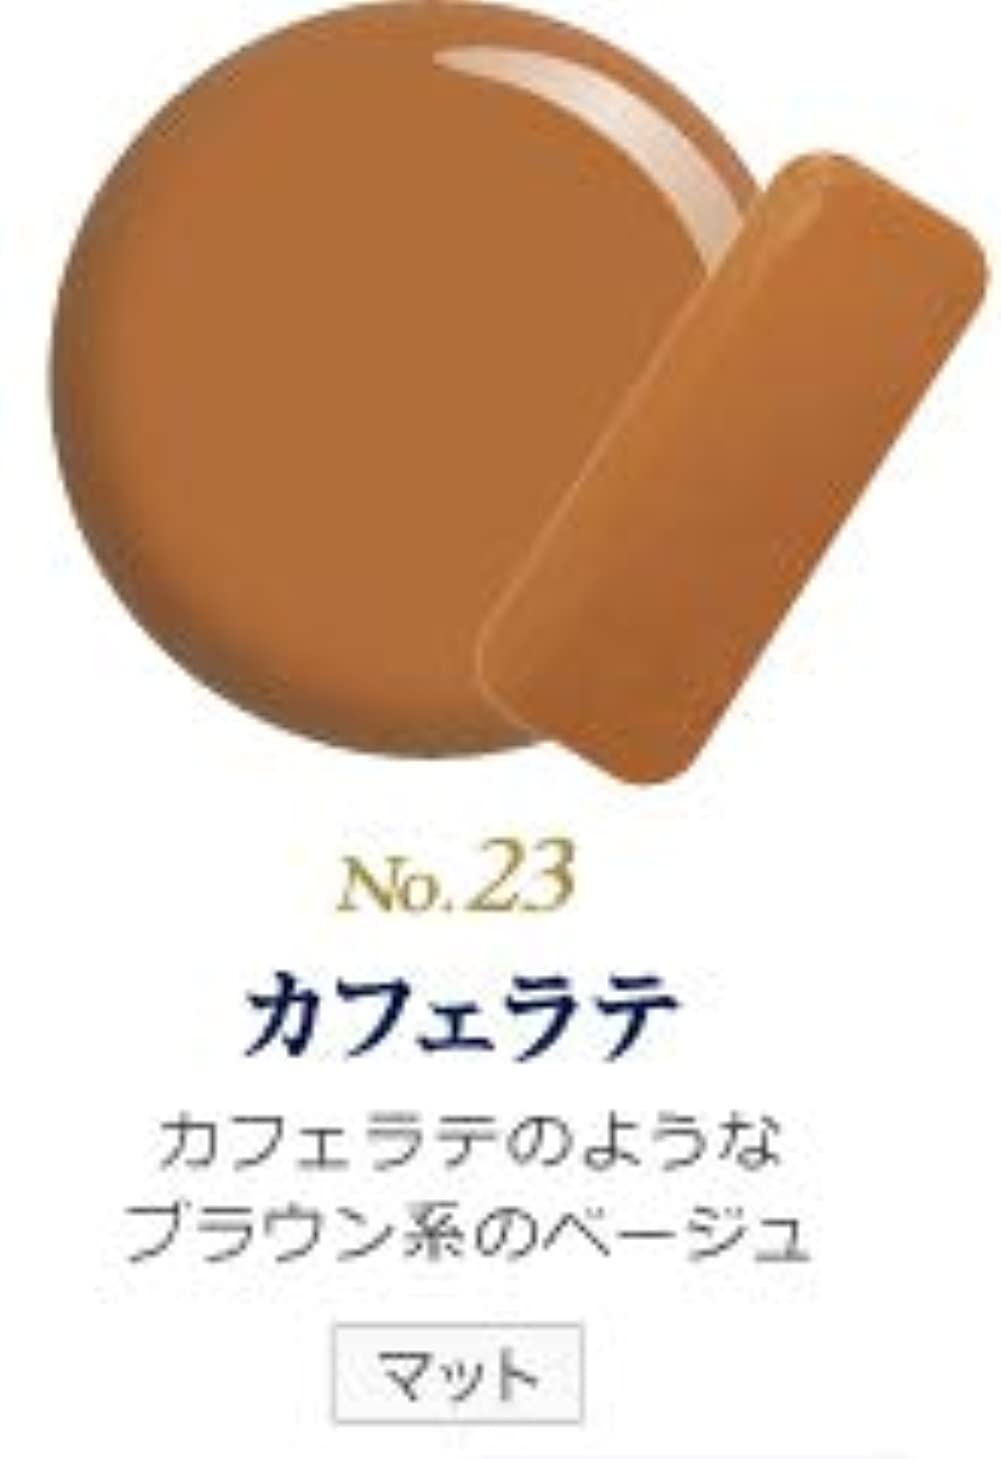 なんでも日小麦粉発色抜群 削らなくてもオフが出来る 新グレースジェルカラーNo.11~No.209 (カフェラテ)